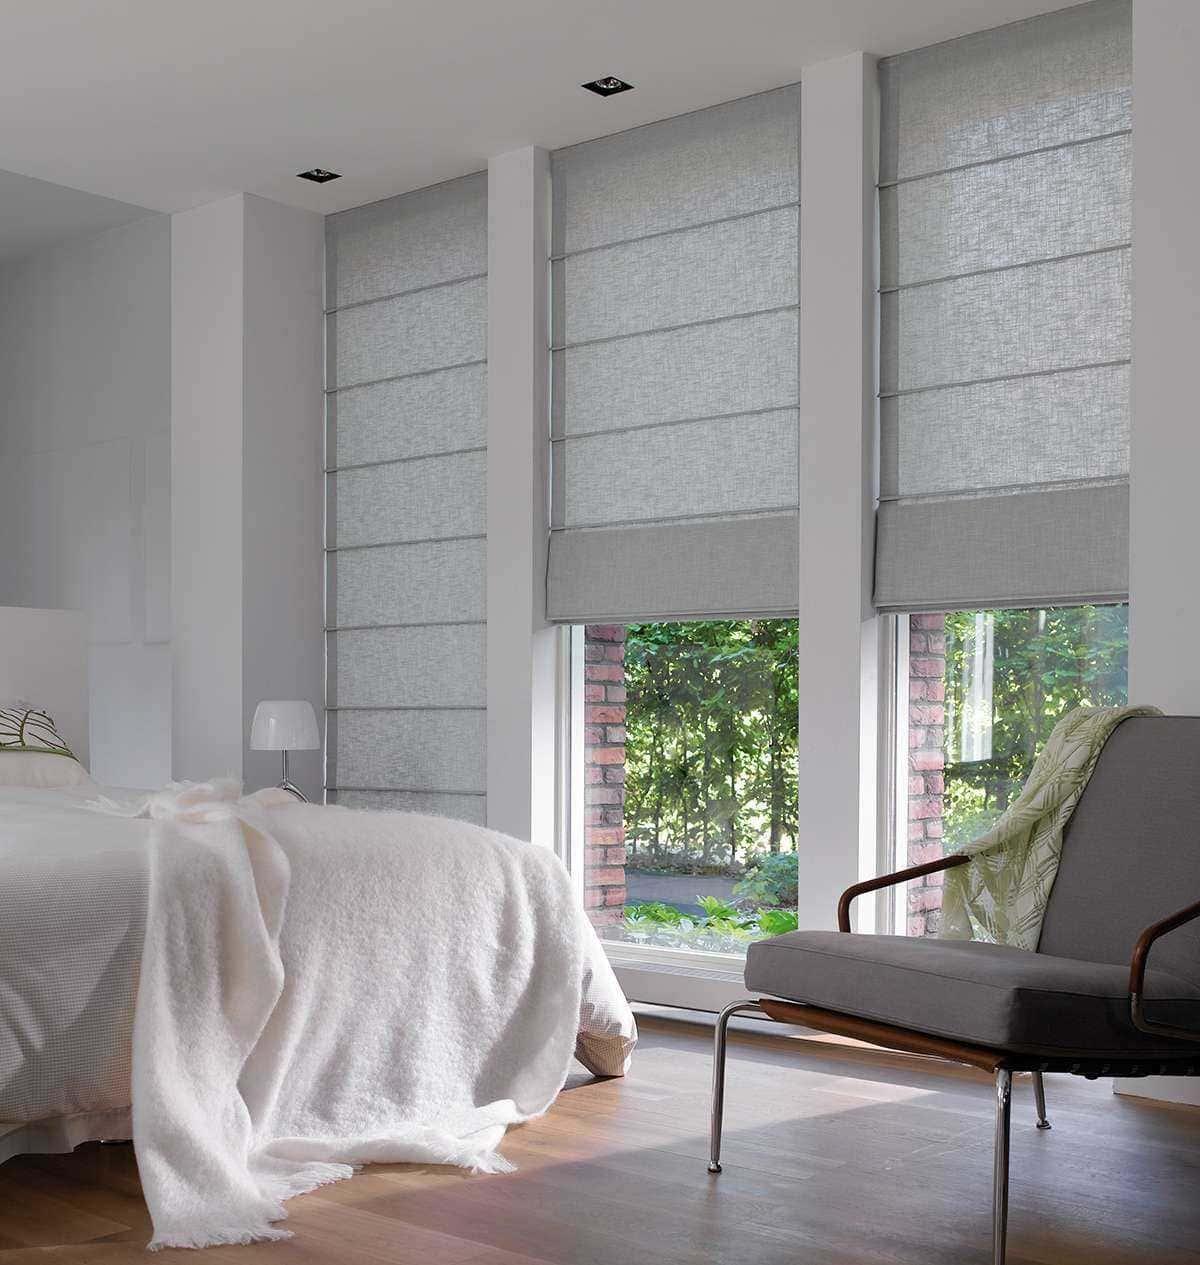 Рулонные шторы - плюсы и минусы установки, выбор материалов 129